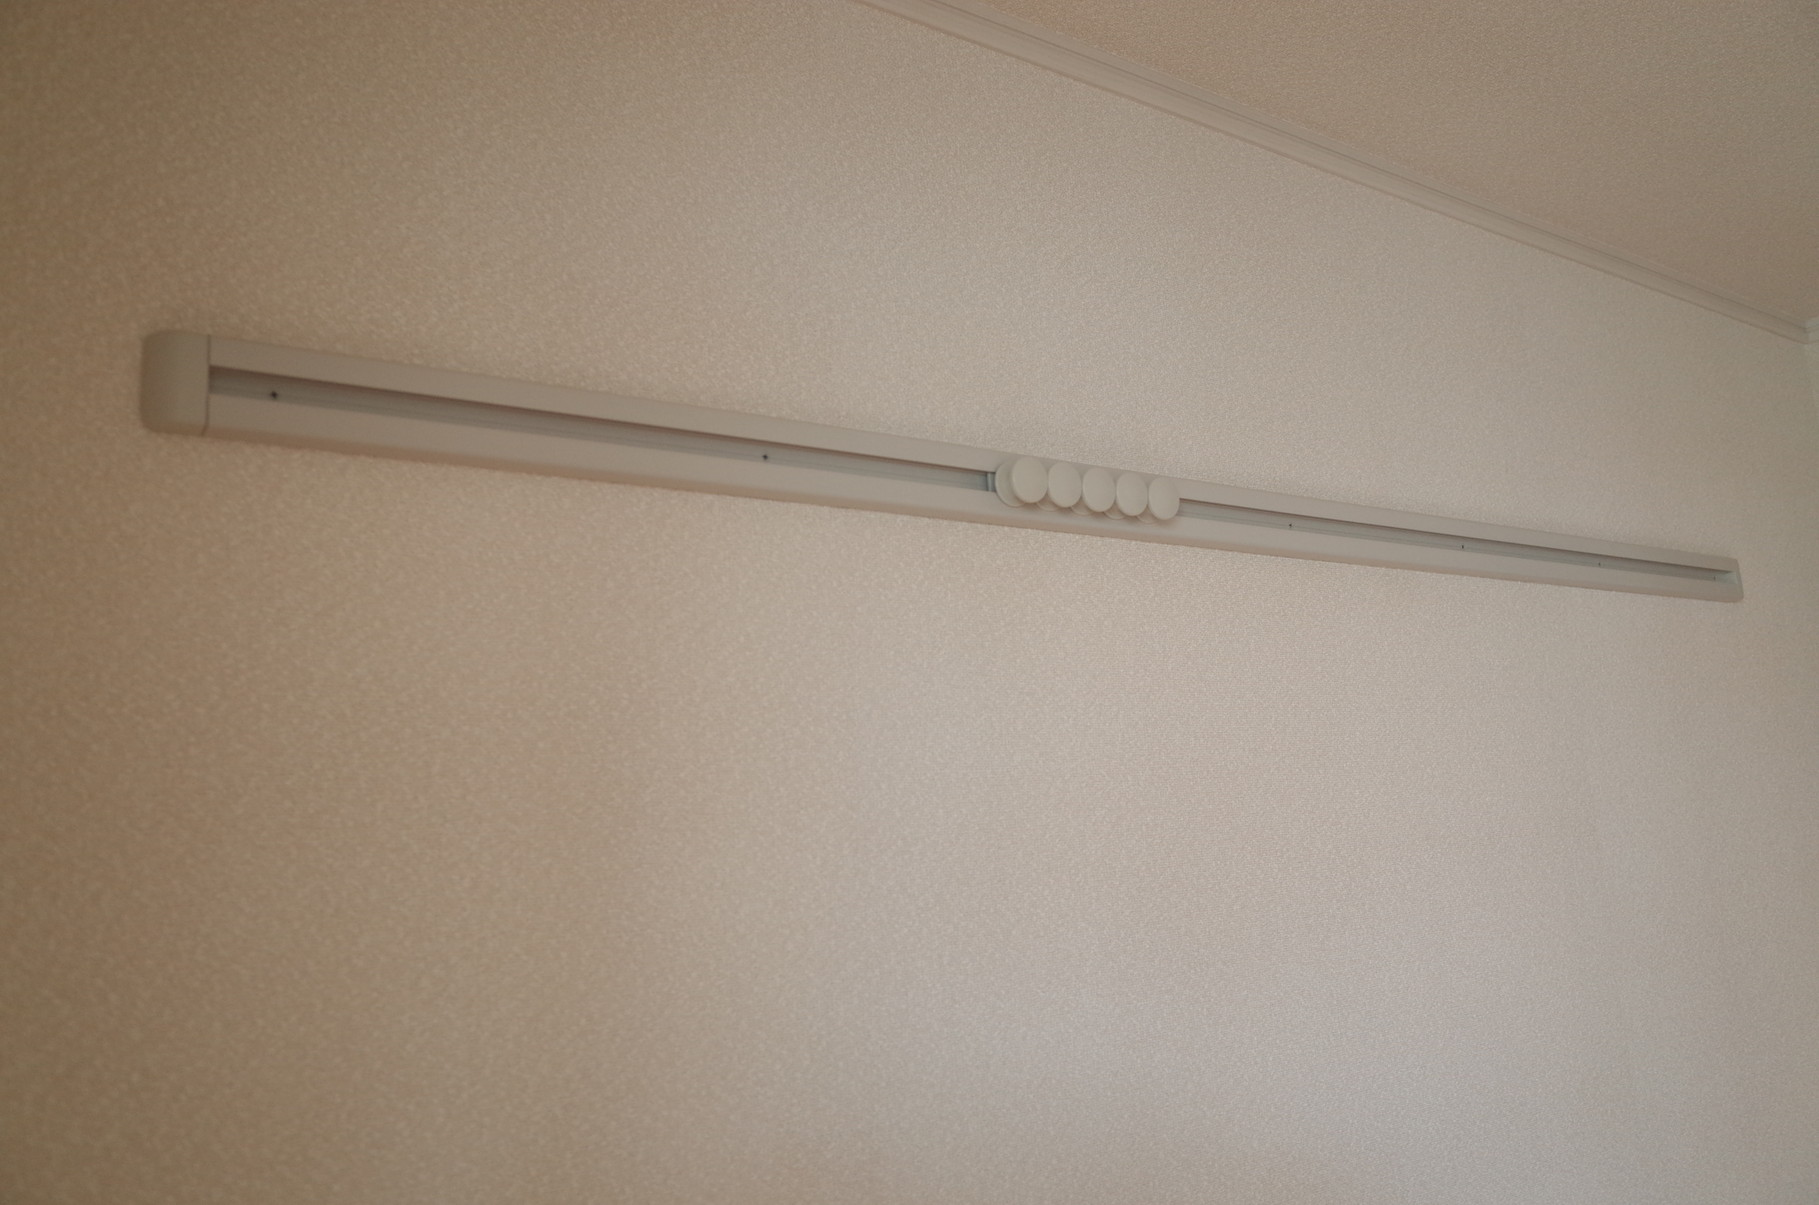 ピクチャーレールで壁に穴を開けずにお部屋をコーディネート